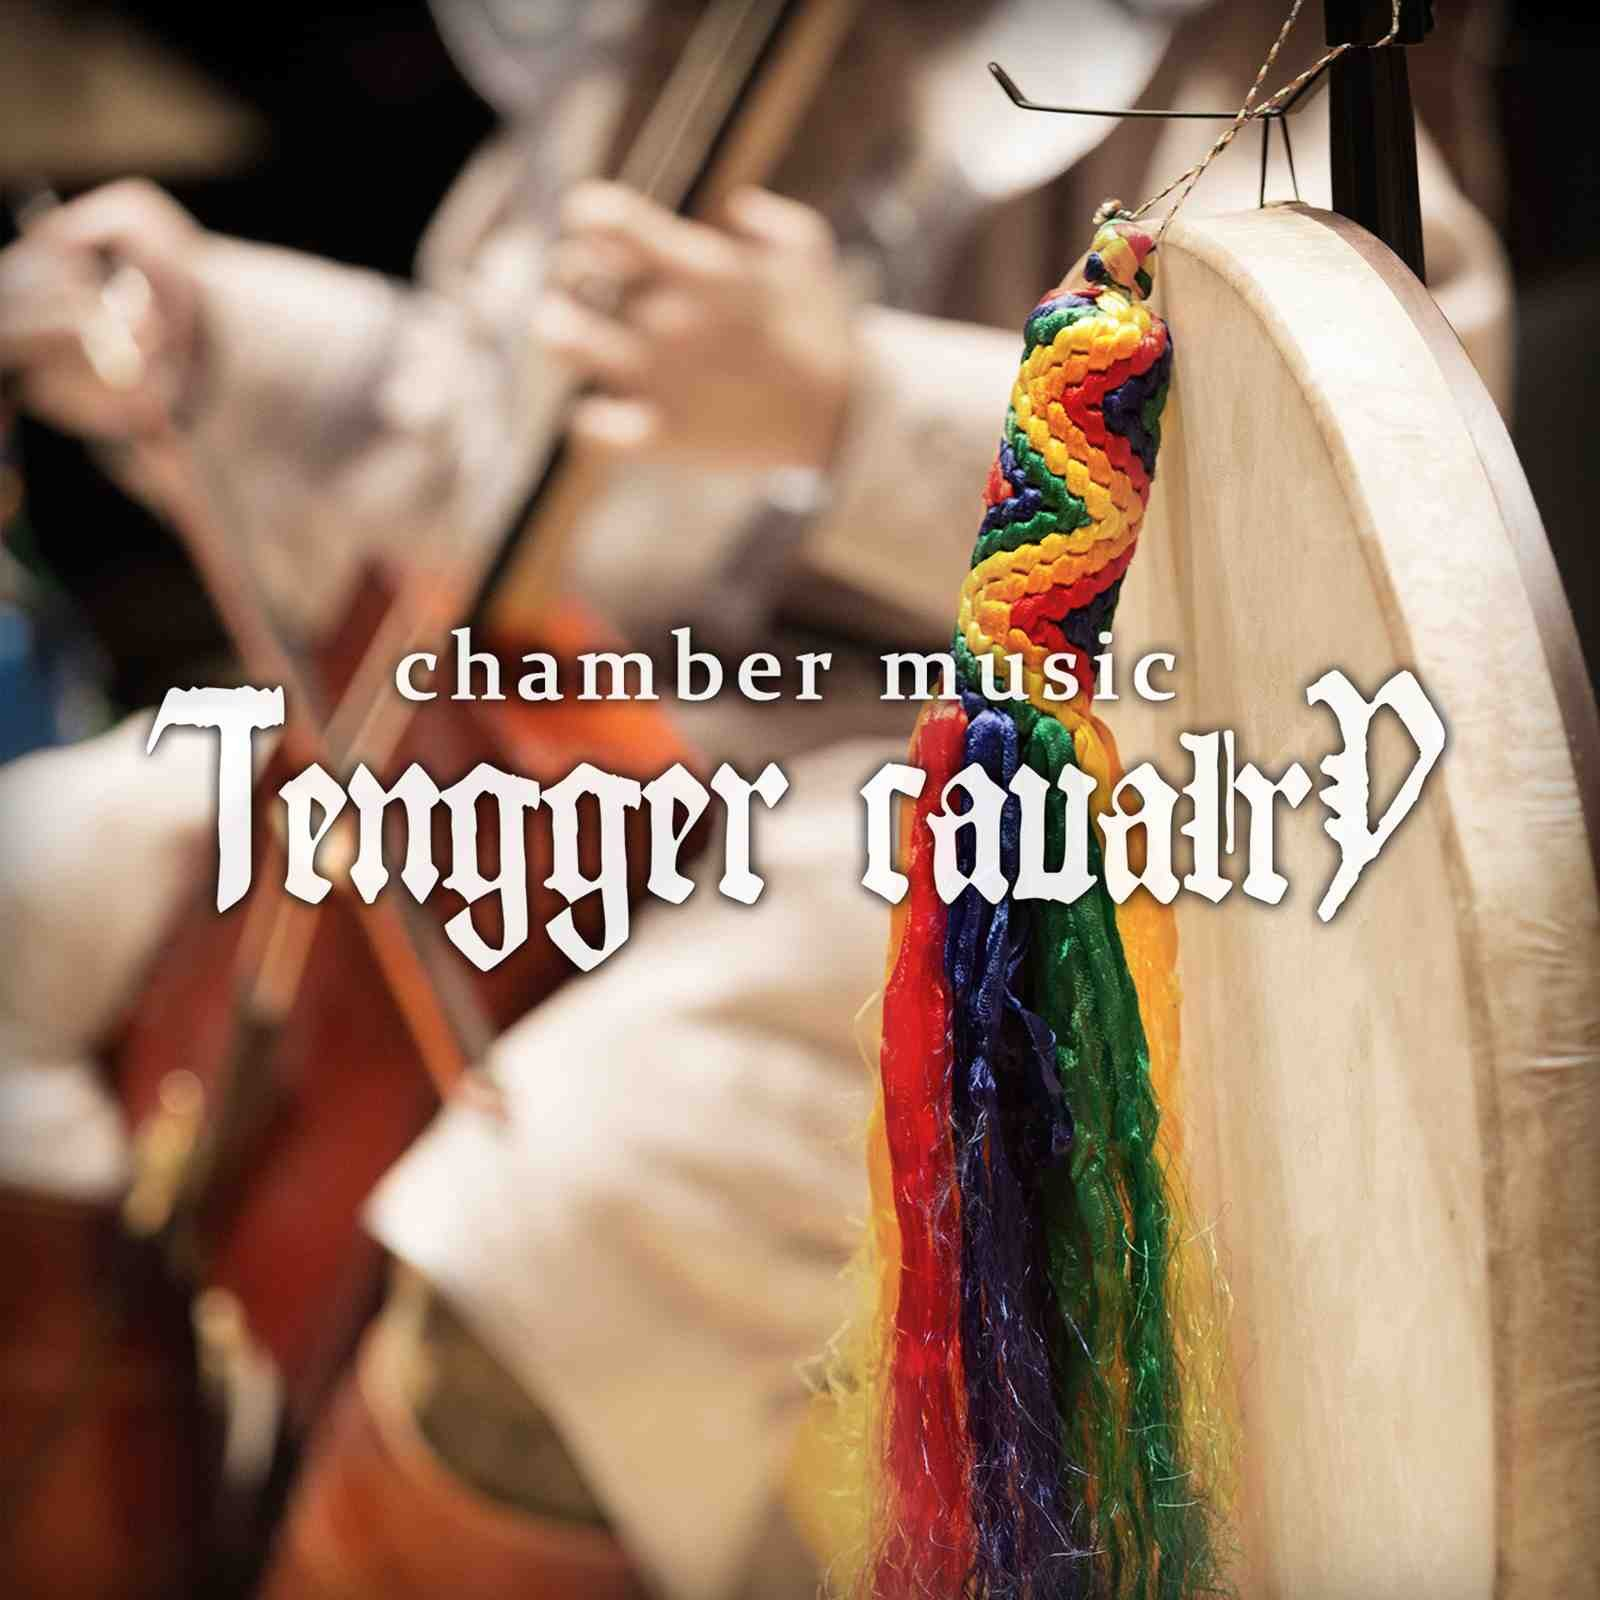 Tengger Cavalry - Chamber Music